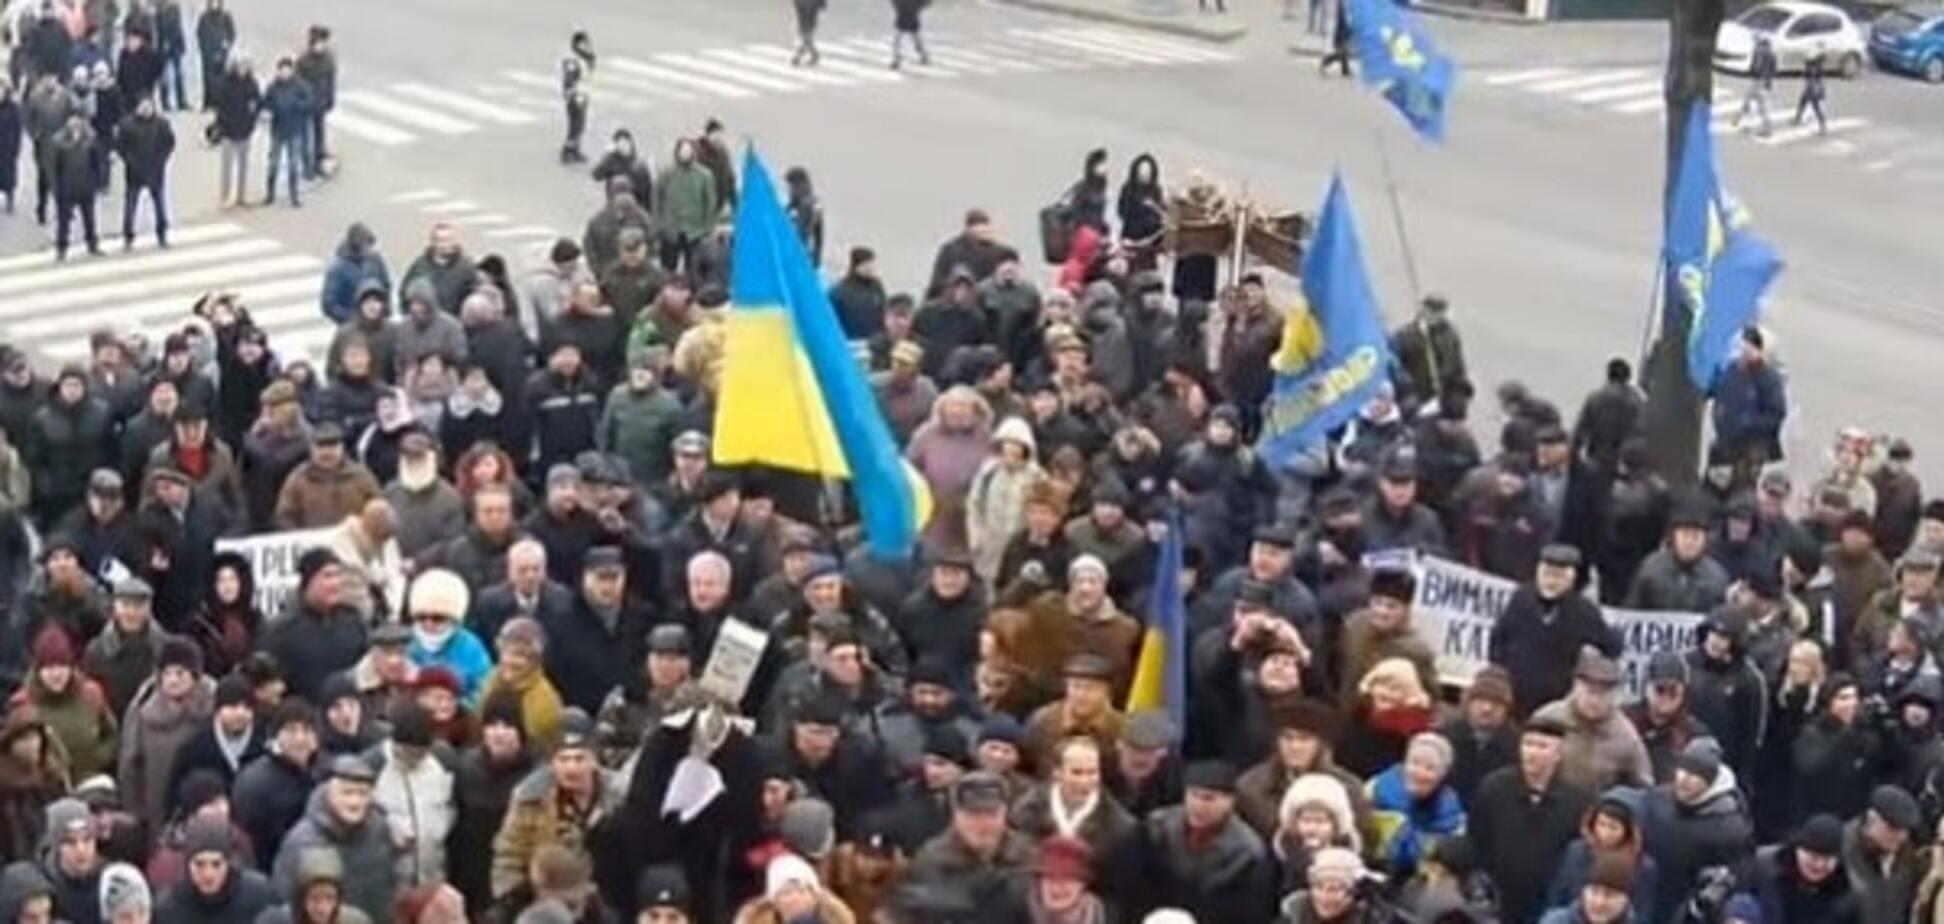 СМИ узнали об 'атаке' активистов на нового главу полиции Винницы